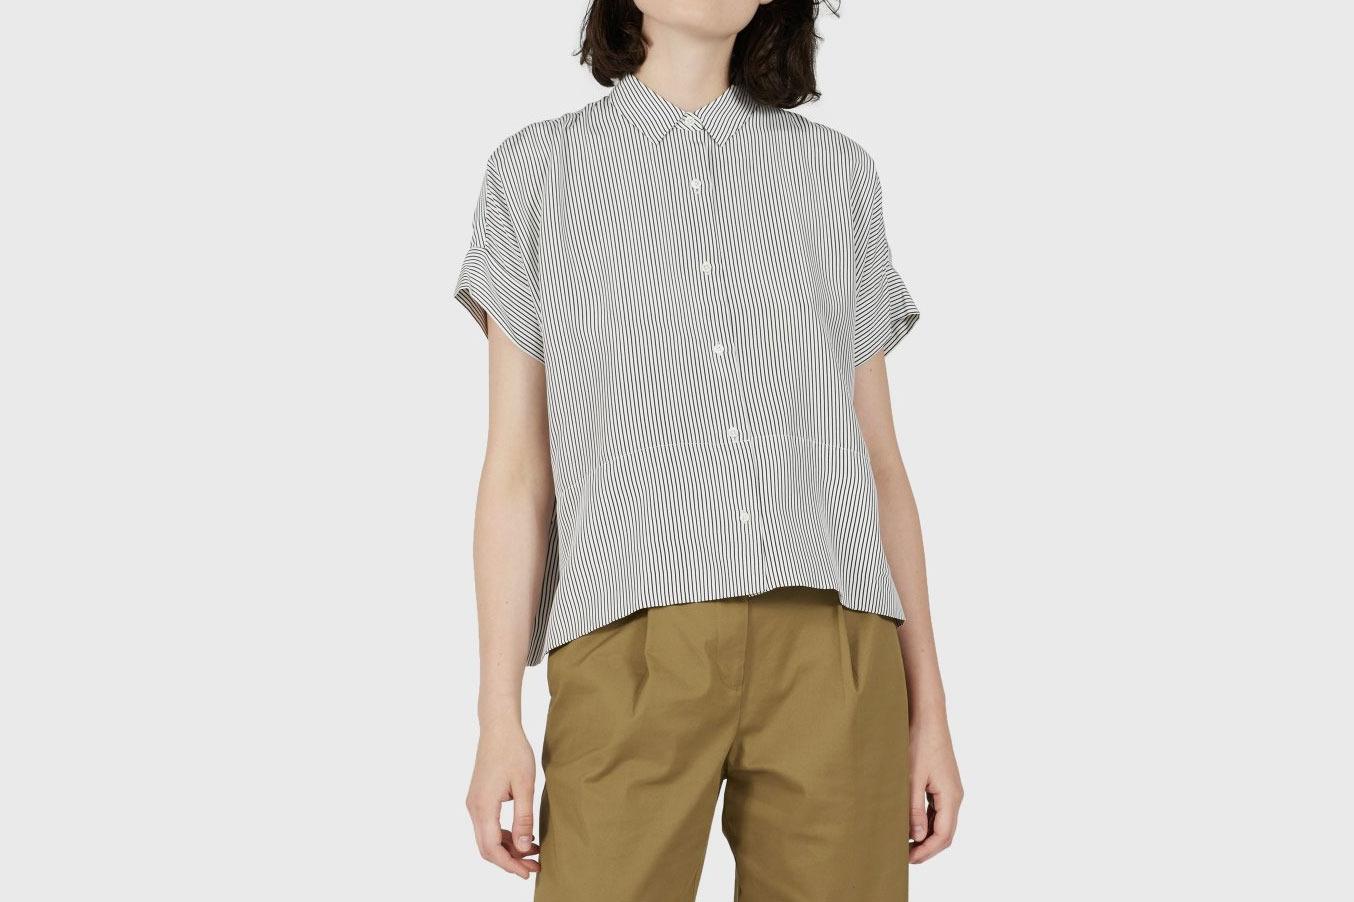 Everlane Silk Short-Sleeve Square Shirt in Black/White Stripe